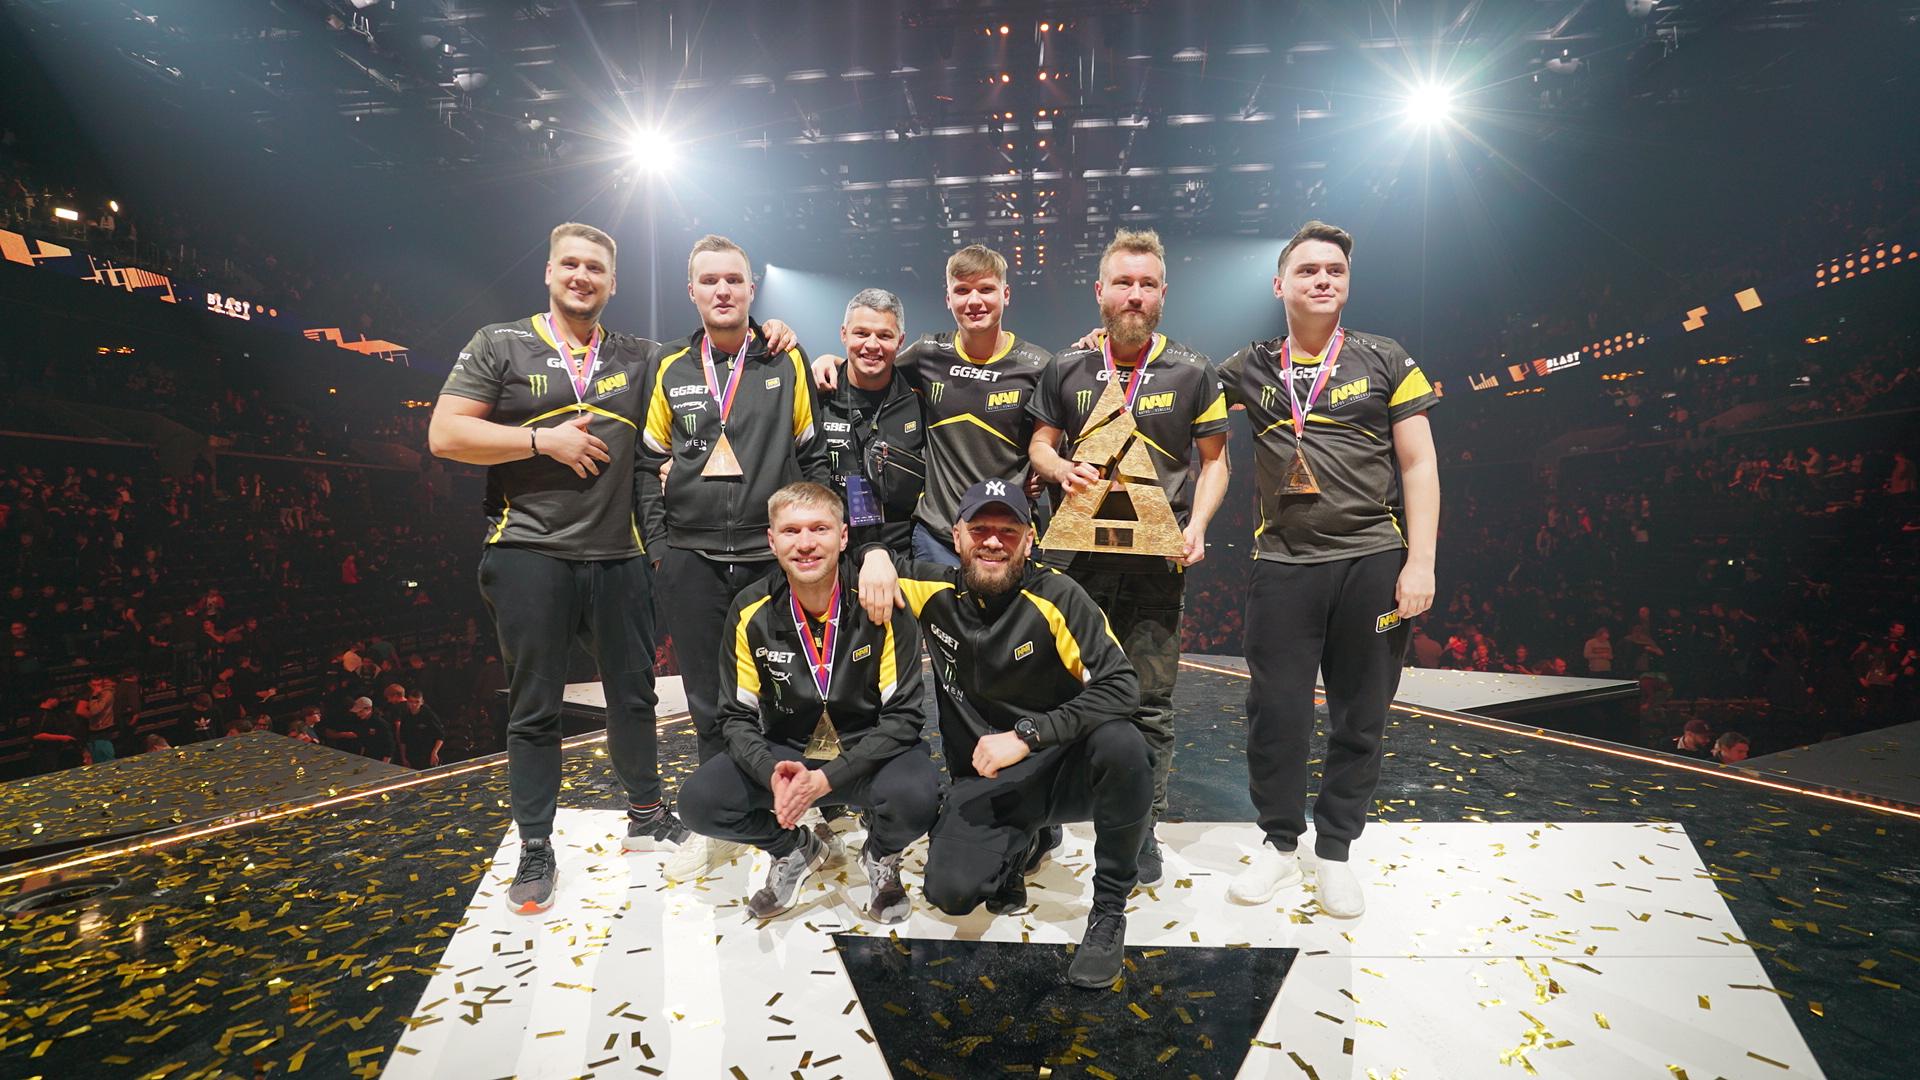 Українці-кіберспортсмени перемогли на світових змаганнях із CS:GO